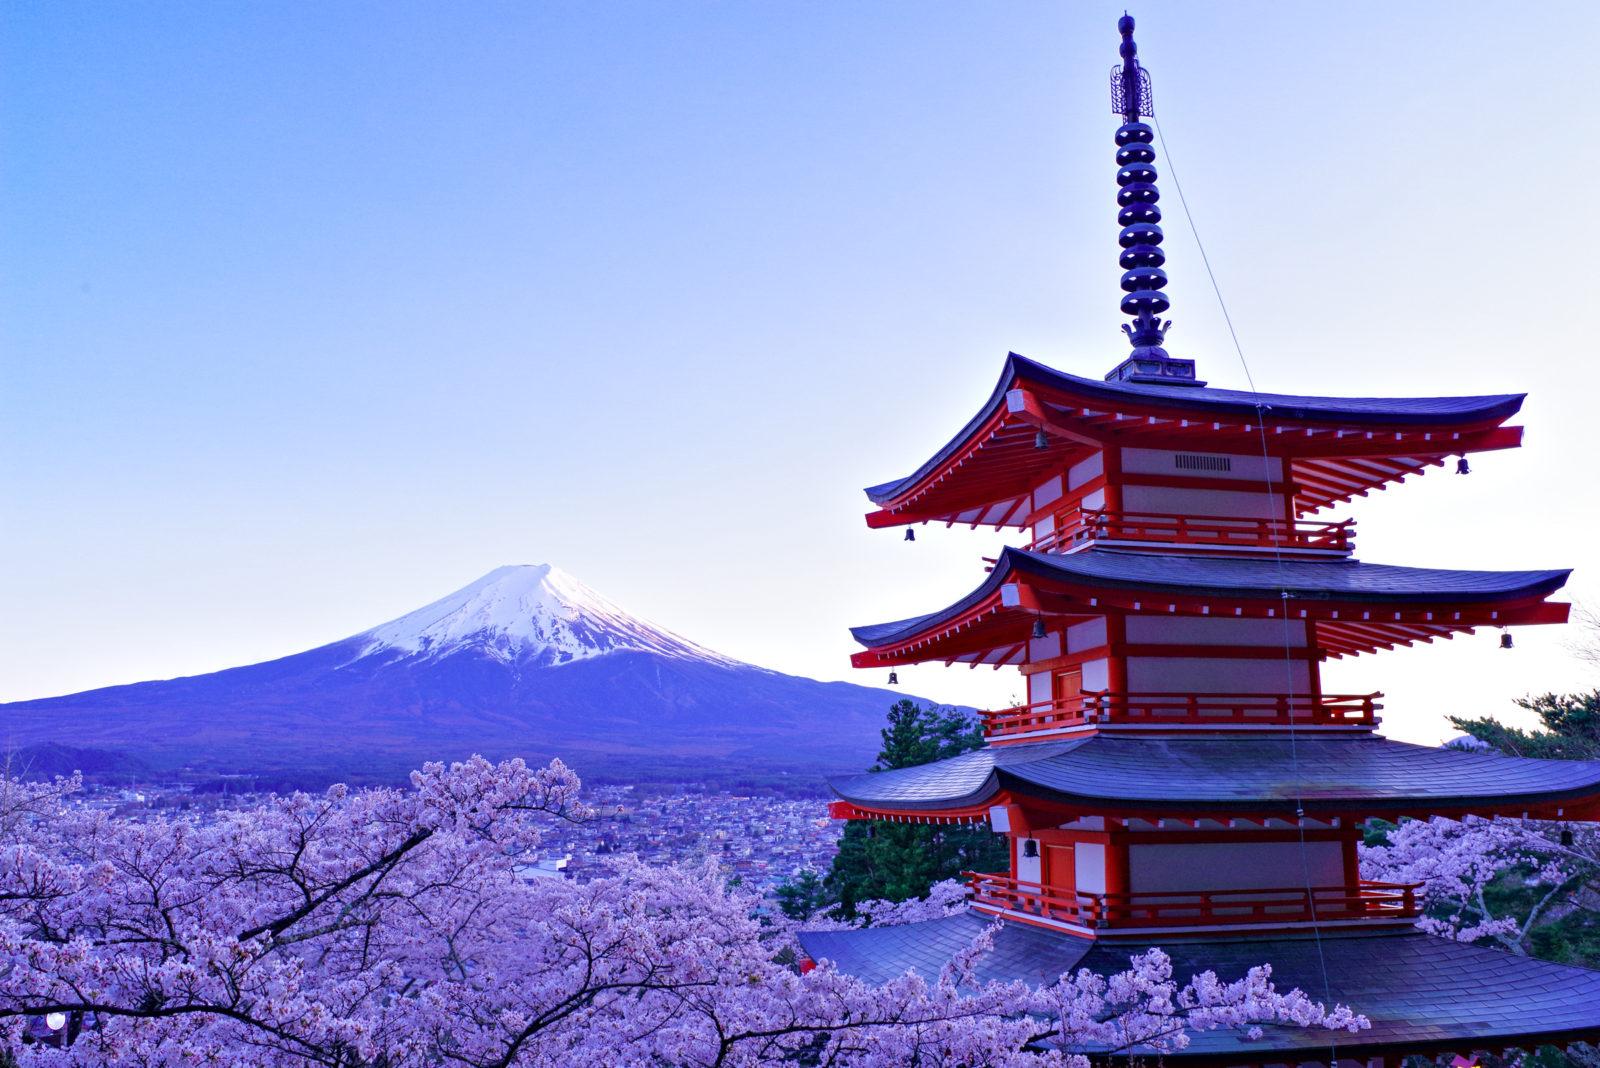 新倉山浅間公園より富士と桜と忠霊塔 | PENTAX K-1&FA★28-70mm